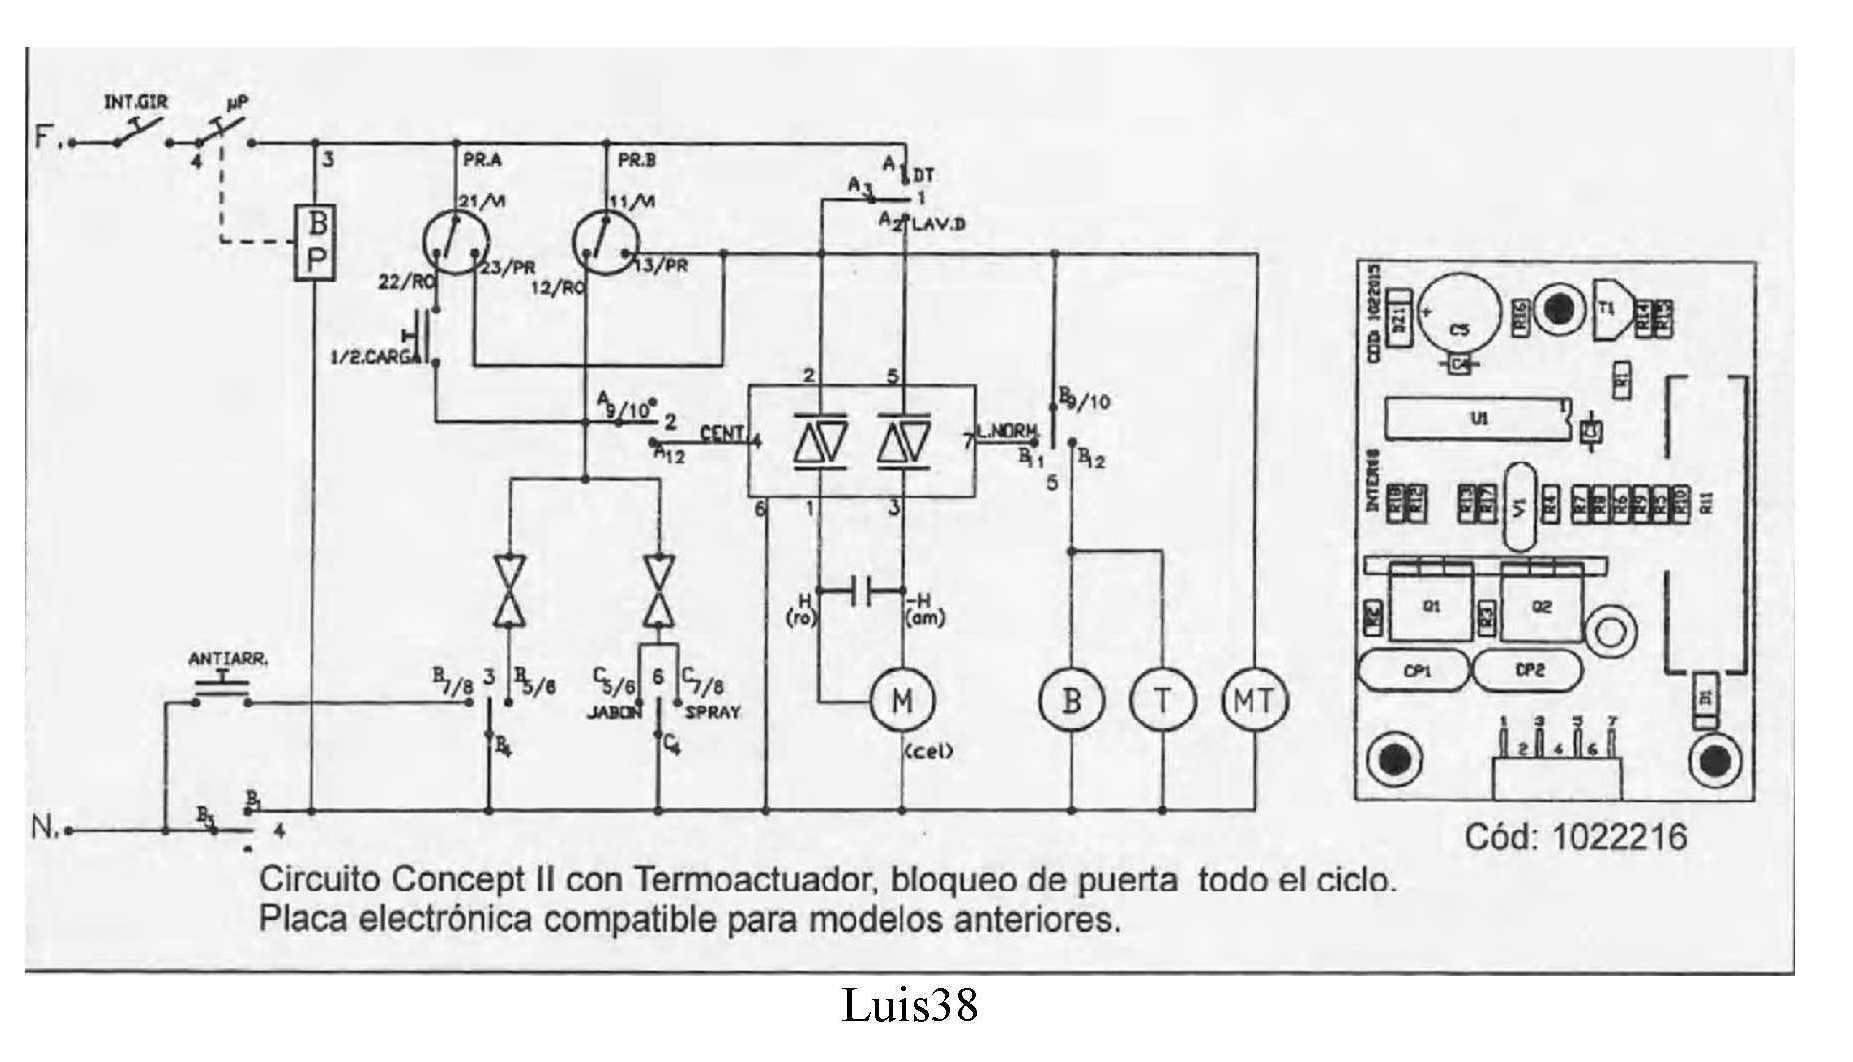 diagrama de conexion ec4634 01